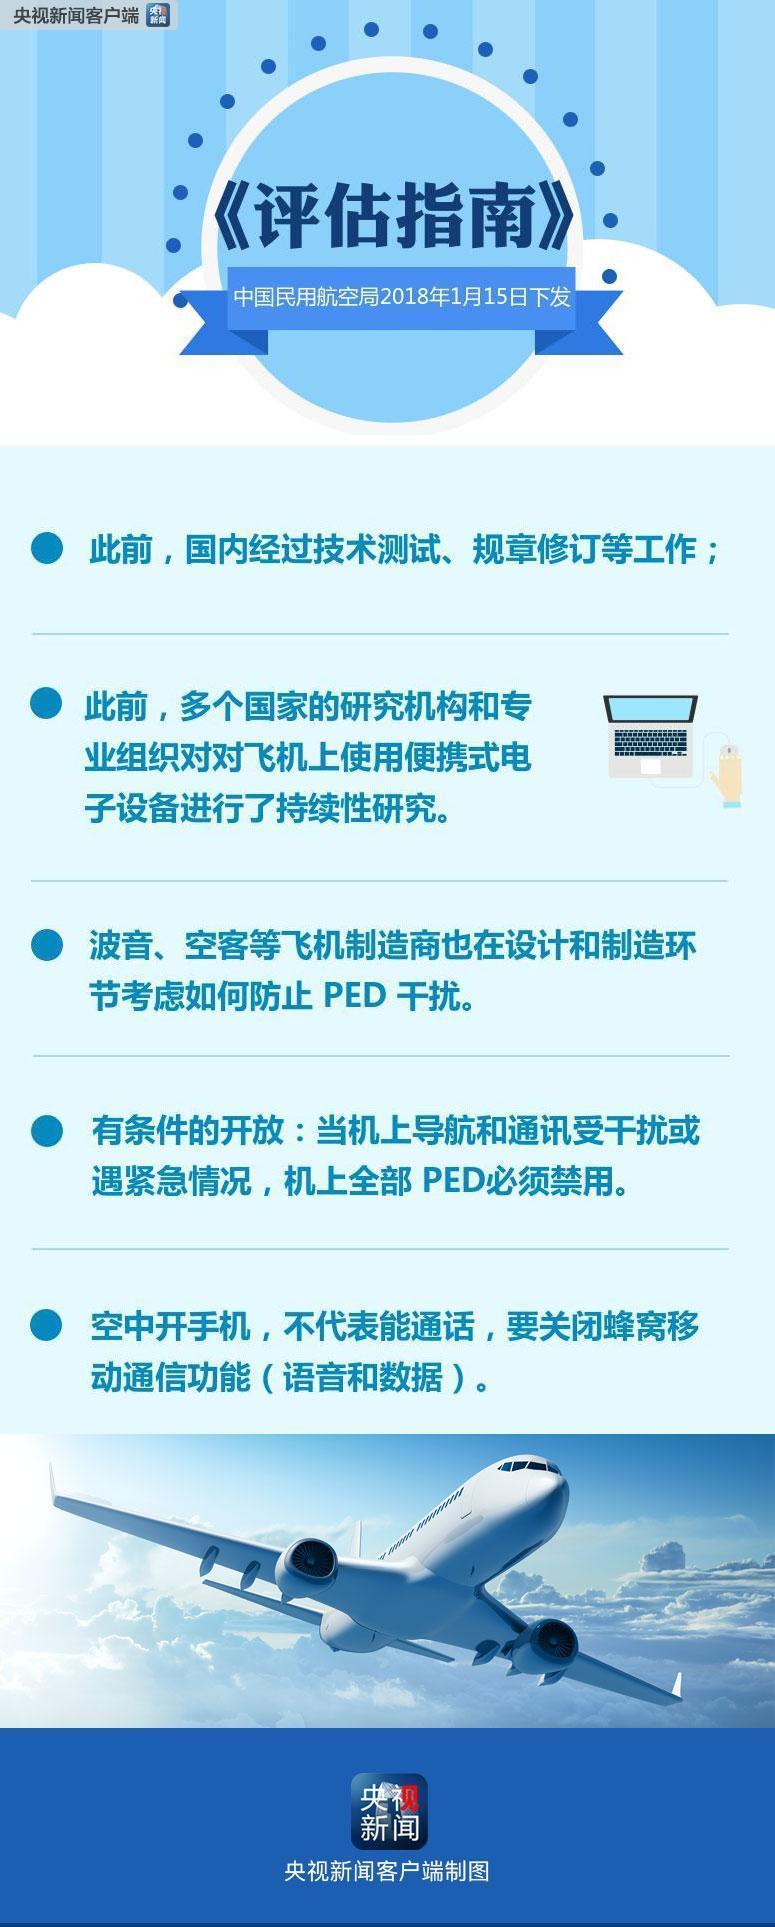 """2月1日起""""春秋航空""""航班可使用飞行模式手机"""